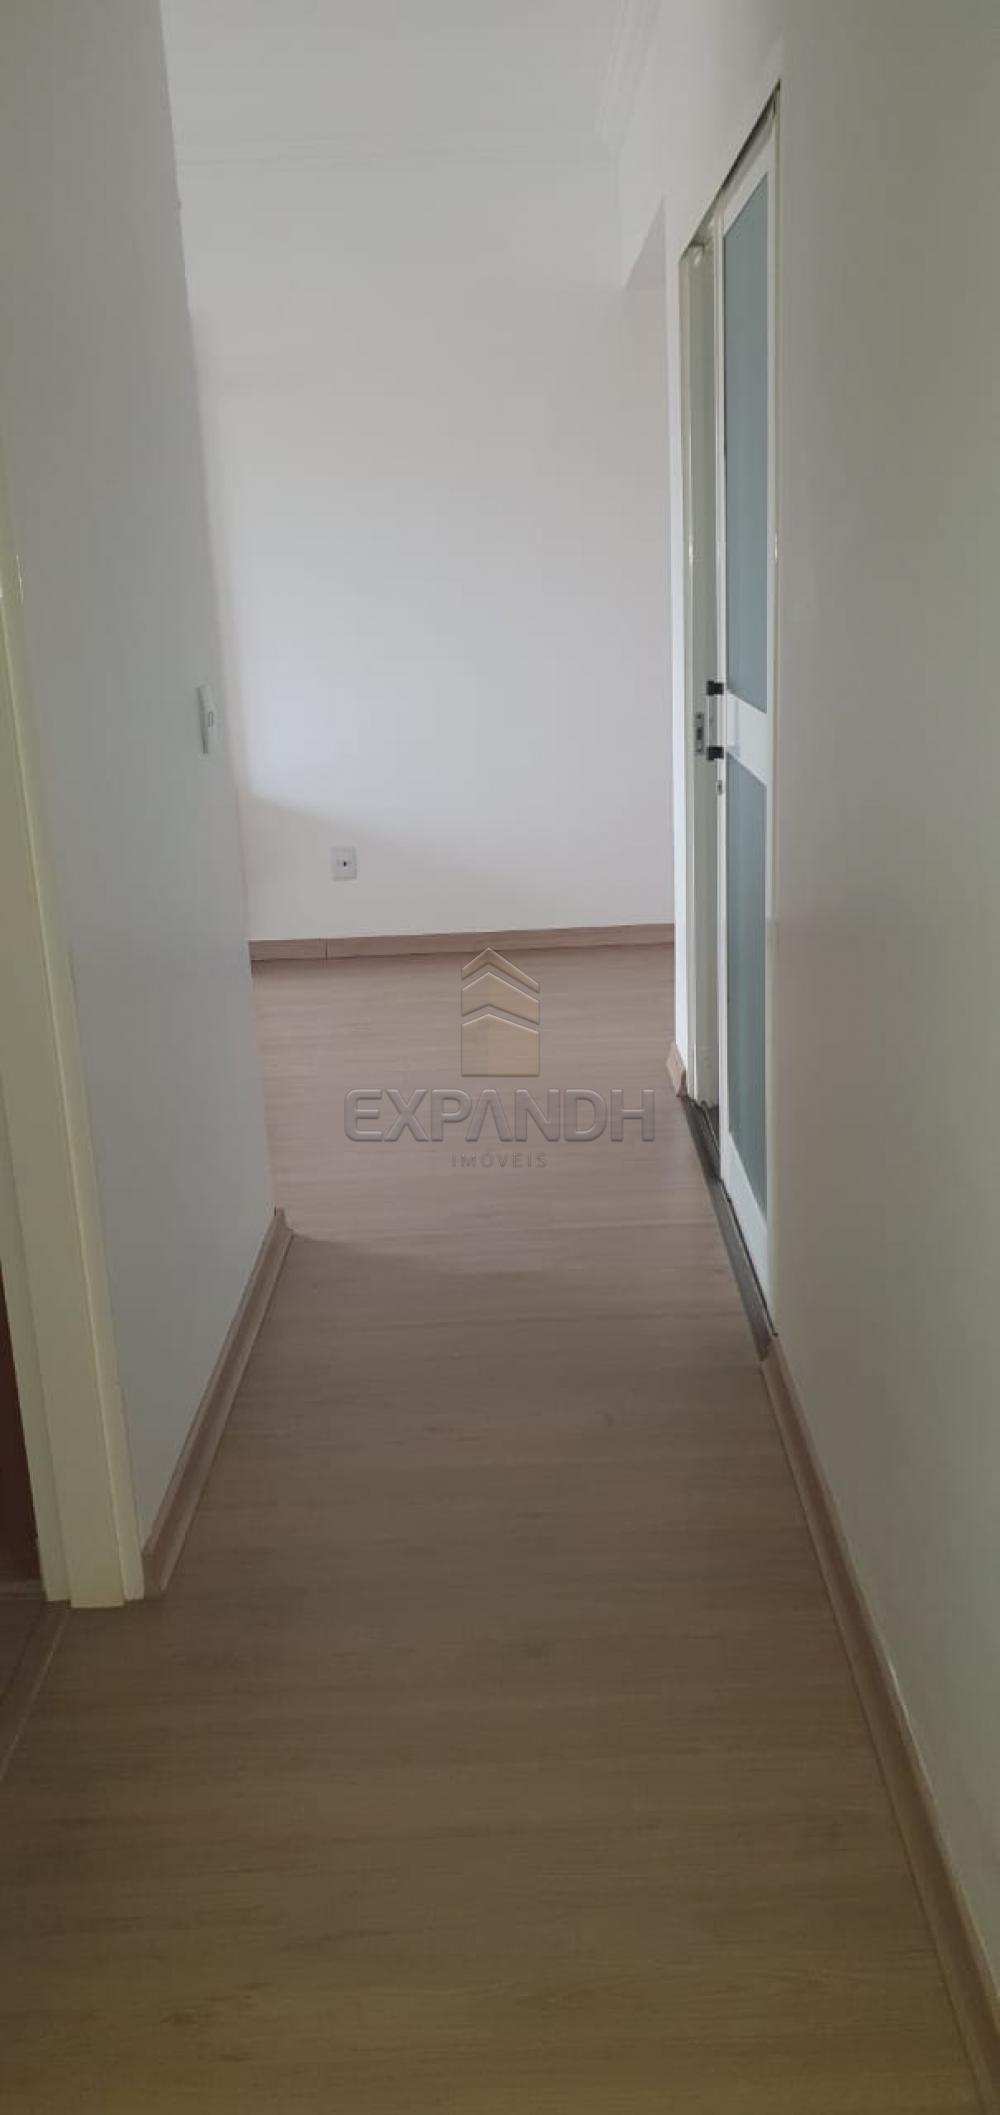 Alugar Apartamentos / Padrão em Sertãozinho apenas R$ 1.100,00 - Foto 6